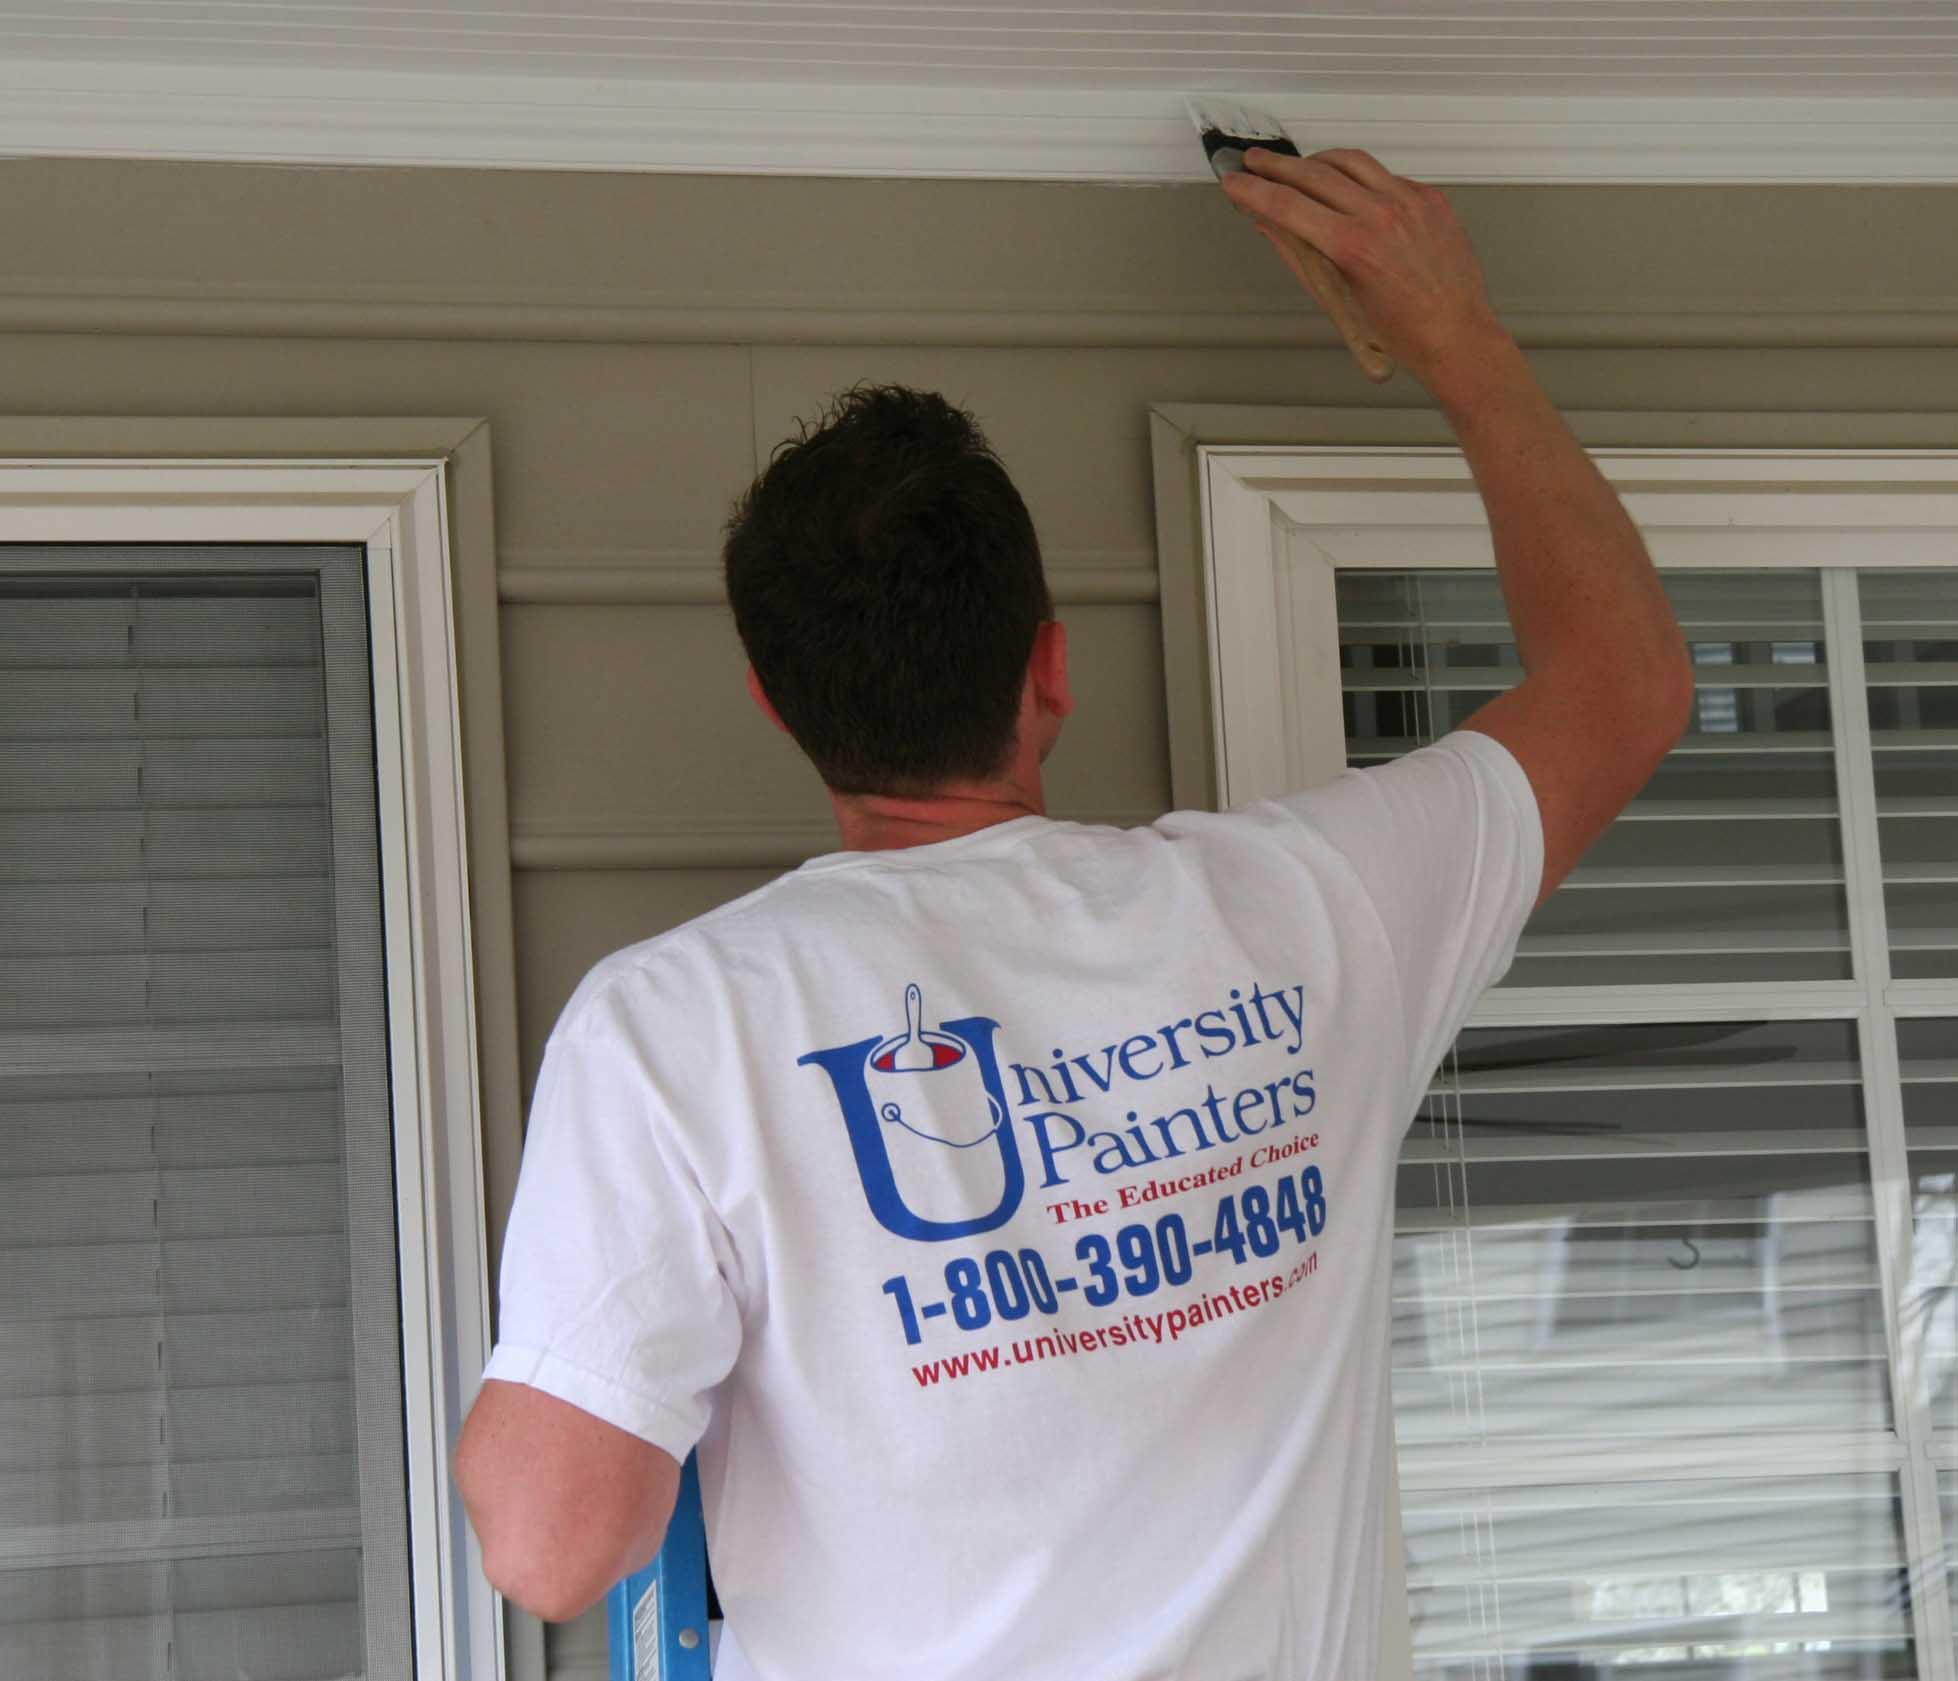 Exterior Painters,House Painters